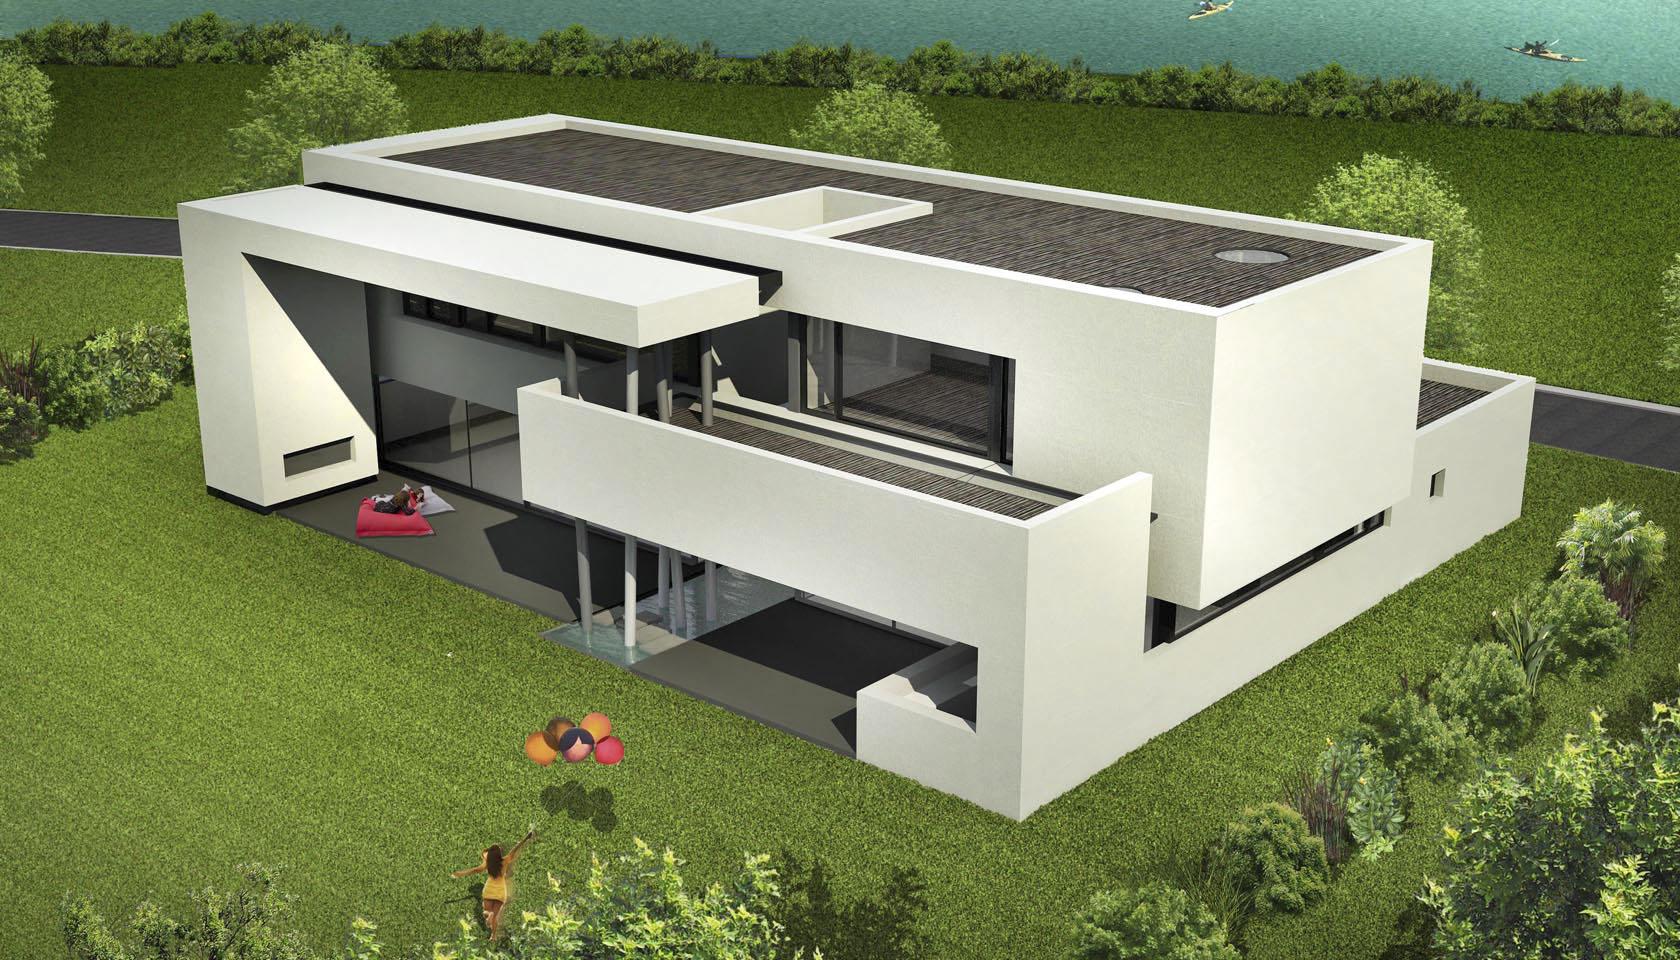 casas modernas, casas blancas, casas con desniveles